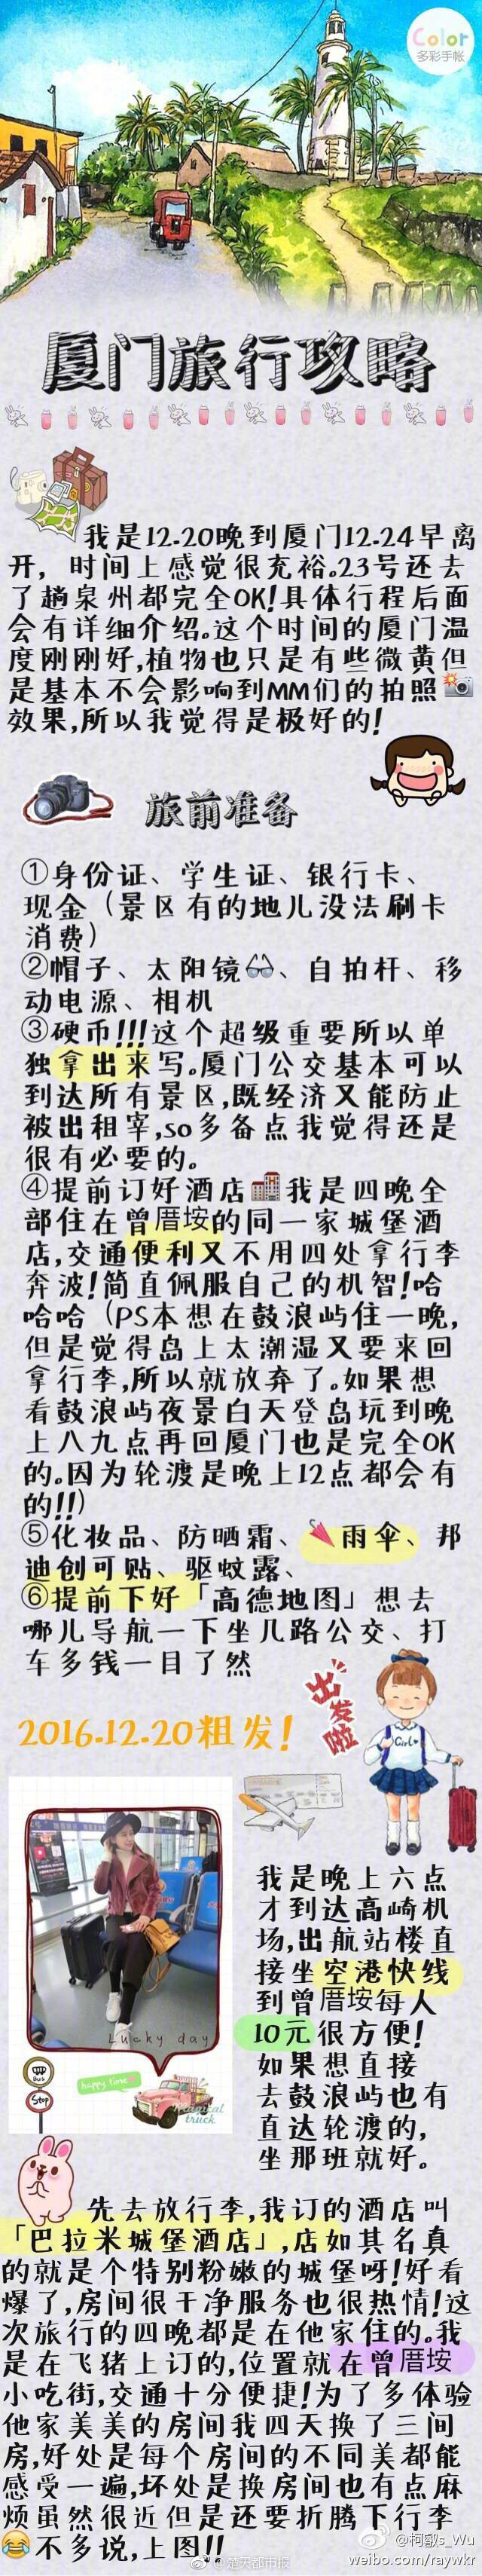 李小龙:服从公司安排全球调派是华为的传统